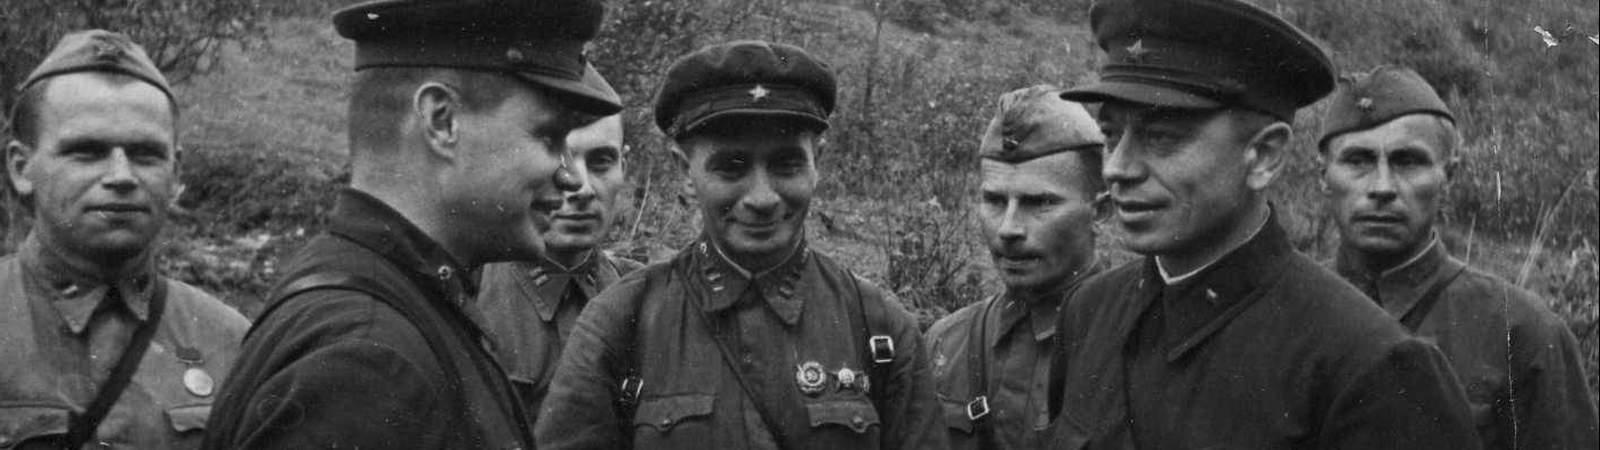 Командиры Великой Отечественной